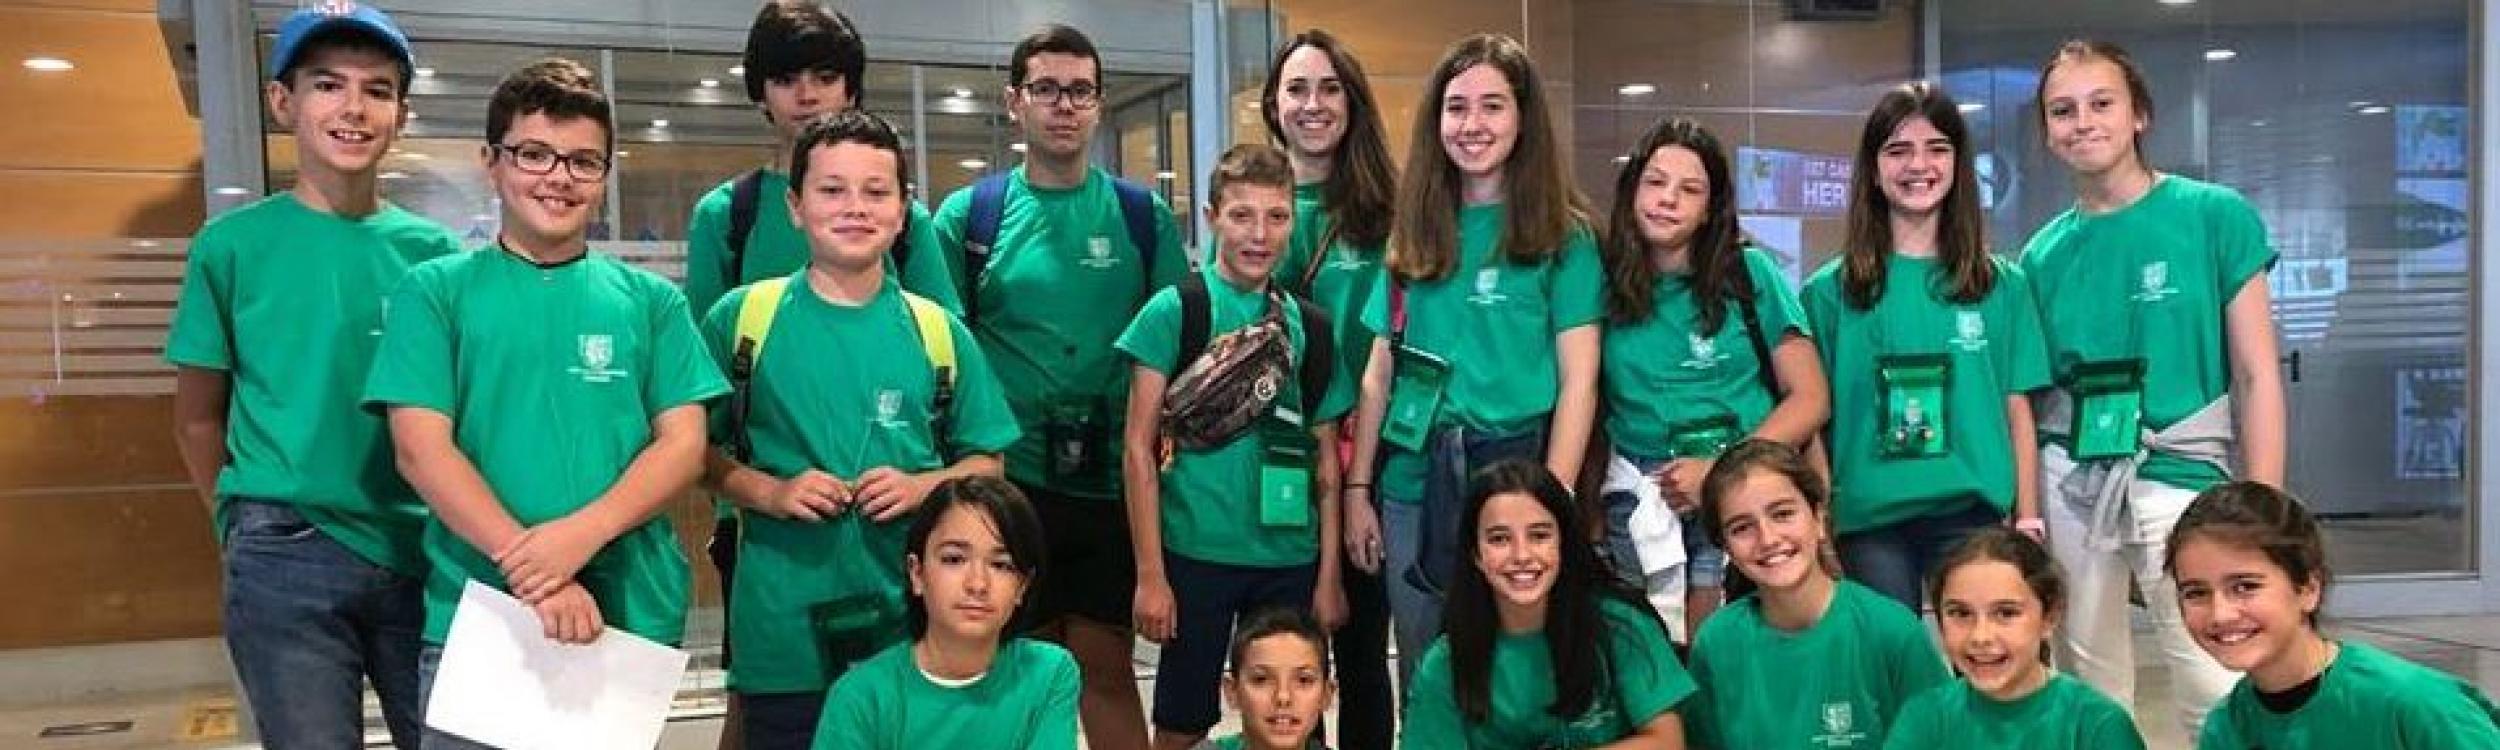 Grupo Shelborne Verano 2018